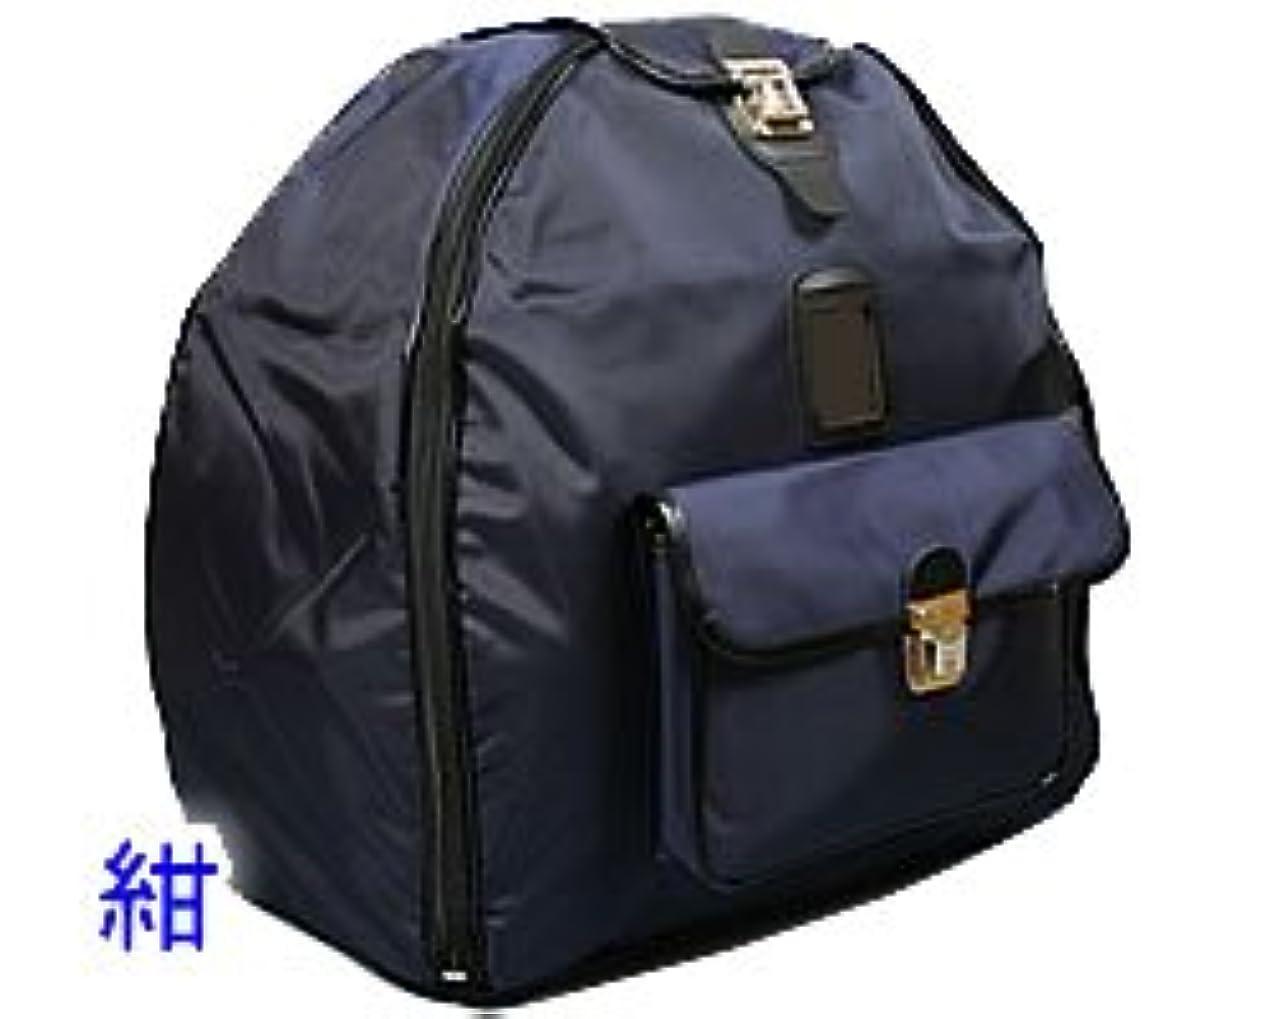 想像力豊かな生産性事剣道屋 少年用ナイロンリュックタイプ 紺